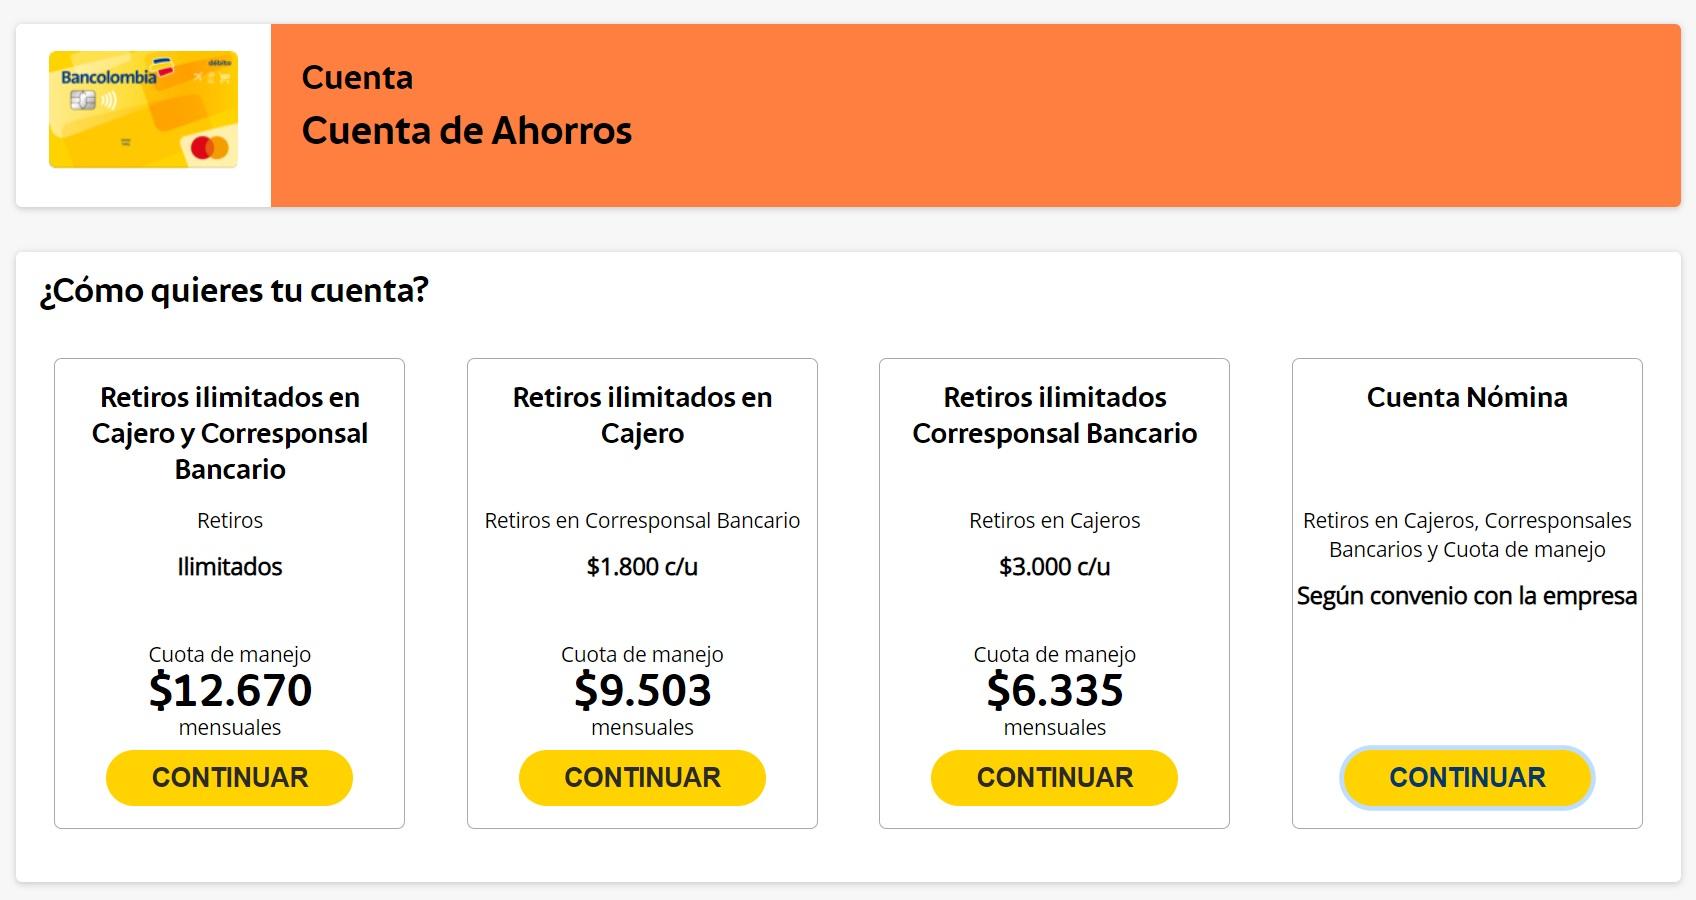 productos cuentas de ahorros y costos bancolombia